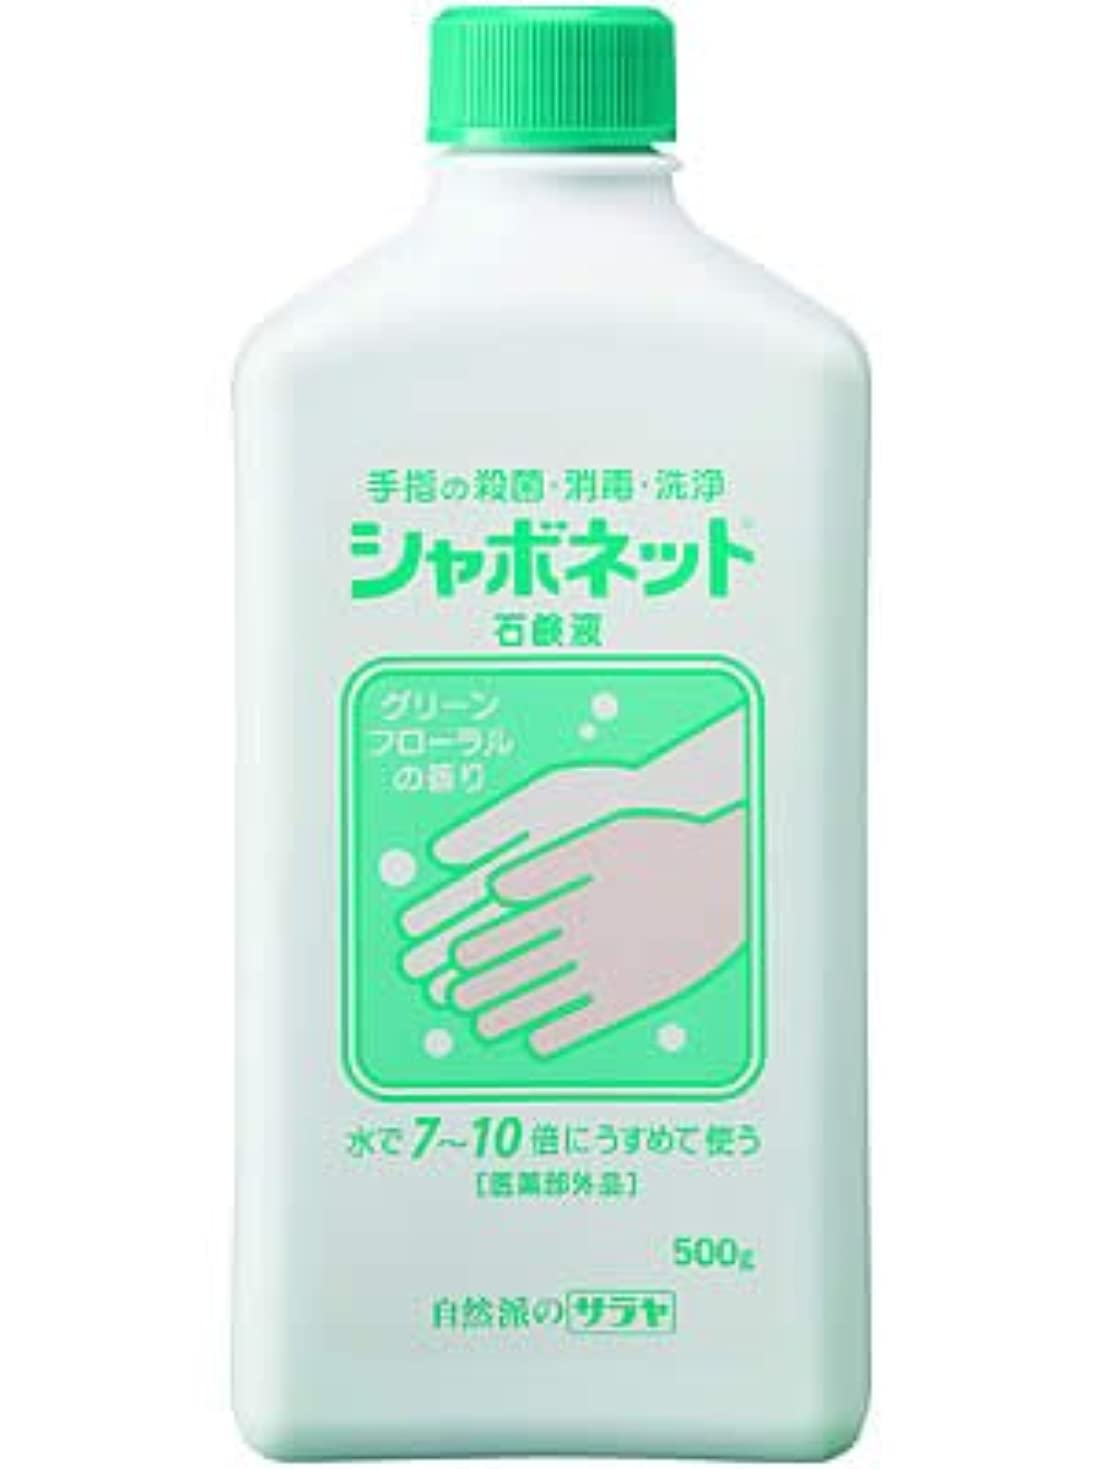 フラップ傾いた心理的シャボネット 石鹸液 500g ×5個セット